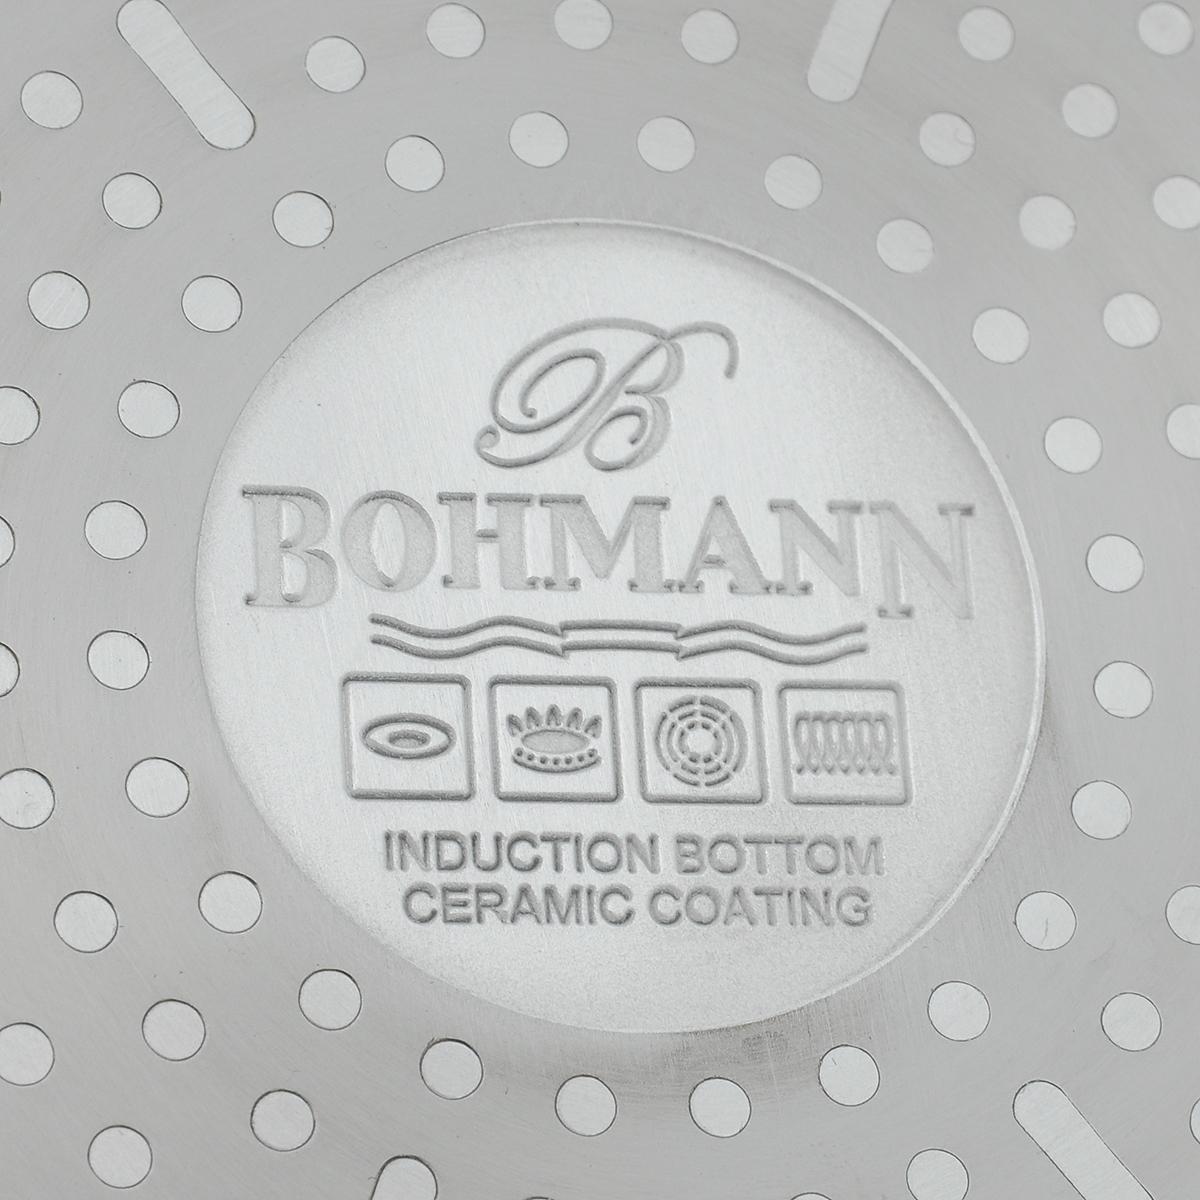 """Сковорода """"Bohmann"""" изготовлена из литого алюминия с  антипригарным керамическим покрытием белого цвета.  Внешнее покрытие - жаростойкий лак, который сохраняет  цвет долгое время. Благодаря керамическому покрытию  пища  не пригорает и не прилипает к поверхности сковороды,  что  позволяет готовить с минимальным количеством масла.  Кроме того, такое покрытие абсолютно безопасно для  здоровья человека, так как не содержит вредной примеси  PFOA. Рифленая внутренняя поверхность сковороды  обеспечивает быстрое и легкое приготовление.  Достоинства керамического покрытия:  - устойчивость к высоким температурам и резким  перепадам  температур;  - устойчивость к царапающим кухонным  принадлежностям и  абразивным моющим средствам;  - устойчивость к коррозии;  - водоотталкивающий эффект;  - покрытие способствует испарению воды во время  готовки;   - длительный срок службы;  - безопасность для окружающей среды и человека.  Сковорода быстро разогревается, распределяя тепло по  всей  поверхности, что позволяет готовить в  энергосберегающем  режиме, значительно сокращая время, проведенное у  плиты.   Изделие оснащено ручкой, выполненной из пластика с  термостойким силиконовым покрытием. Такая ручка не  нагревается в процессе готовки и обеспечивает  надежный  хват. Крышка, изготовленная из жаропрочного стекла,  оснащена ручкой, отверстием для выпуска пара и  металлическим ободом. Благодаря такой крышке можно  следить за приготовлением пищи без потери тепла.   Подходит для газовых, электрических и  стеклокерамических плит, включая индукционные. Можно  мыть в посудомоечной машине.  Диаметр сковороды: 20 см. Высота стенки: 4,5 см.  Длина ручки: 17,5 см."""